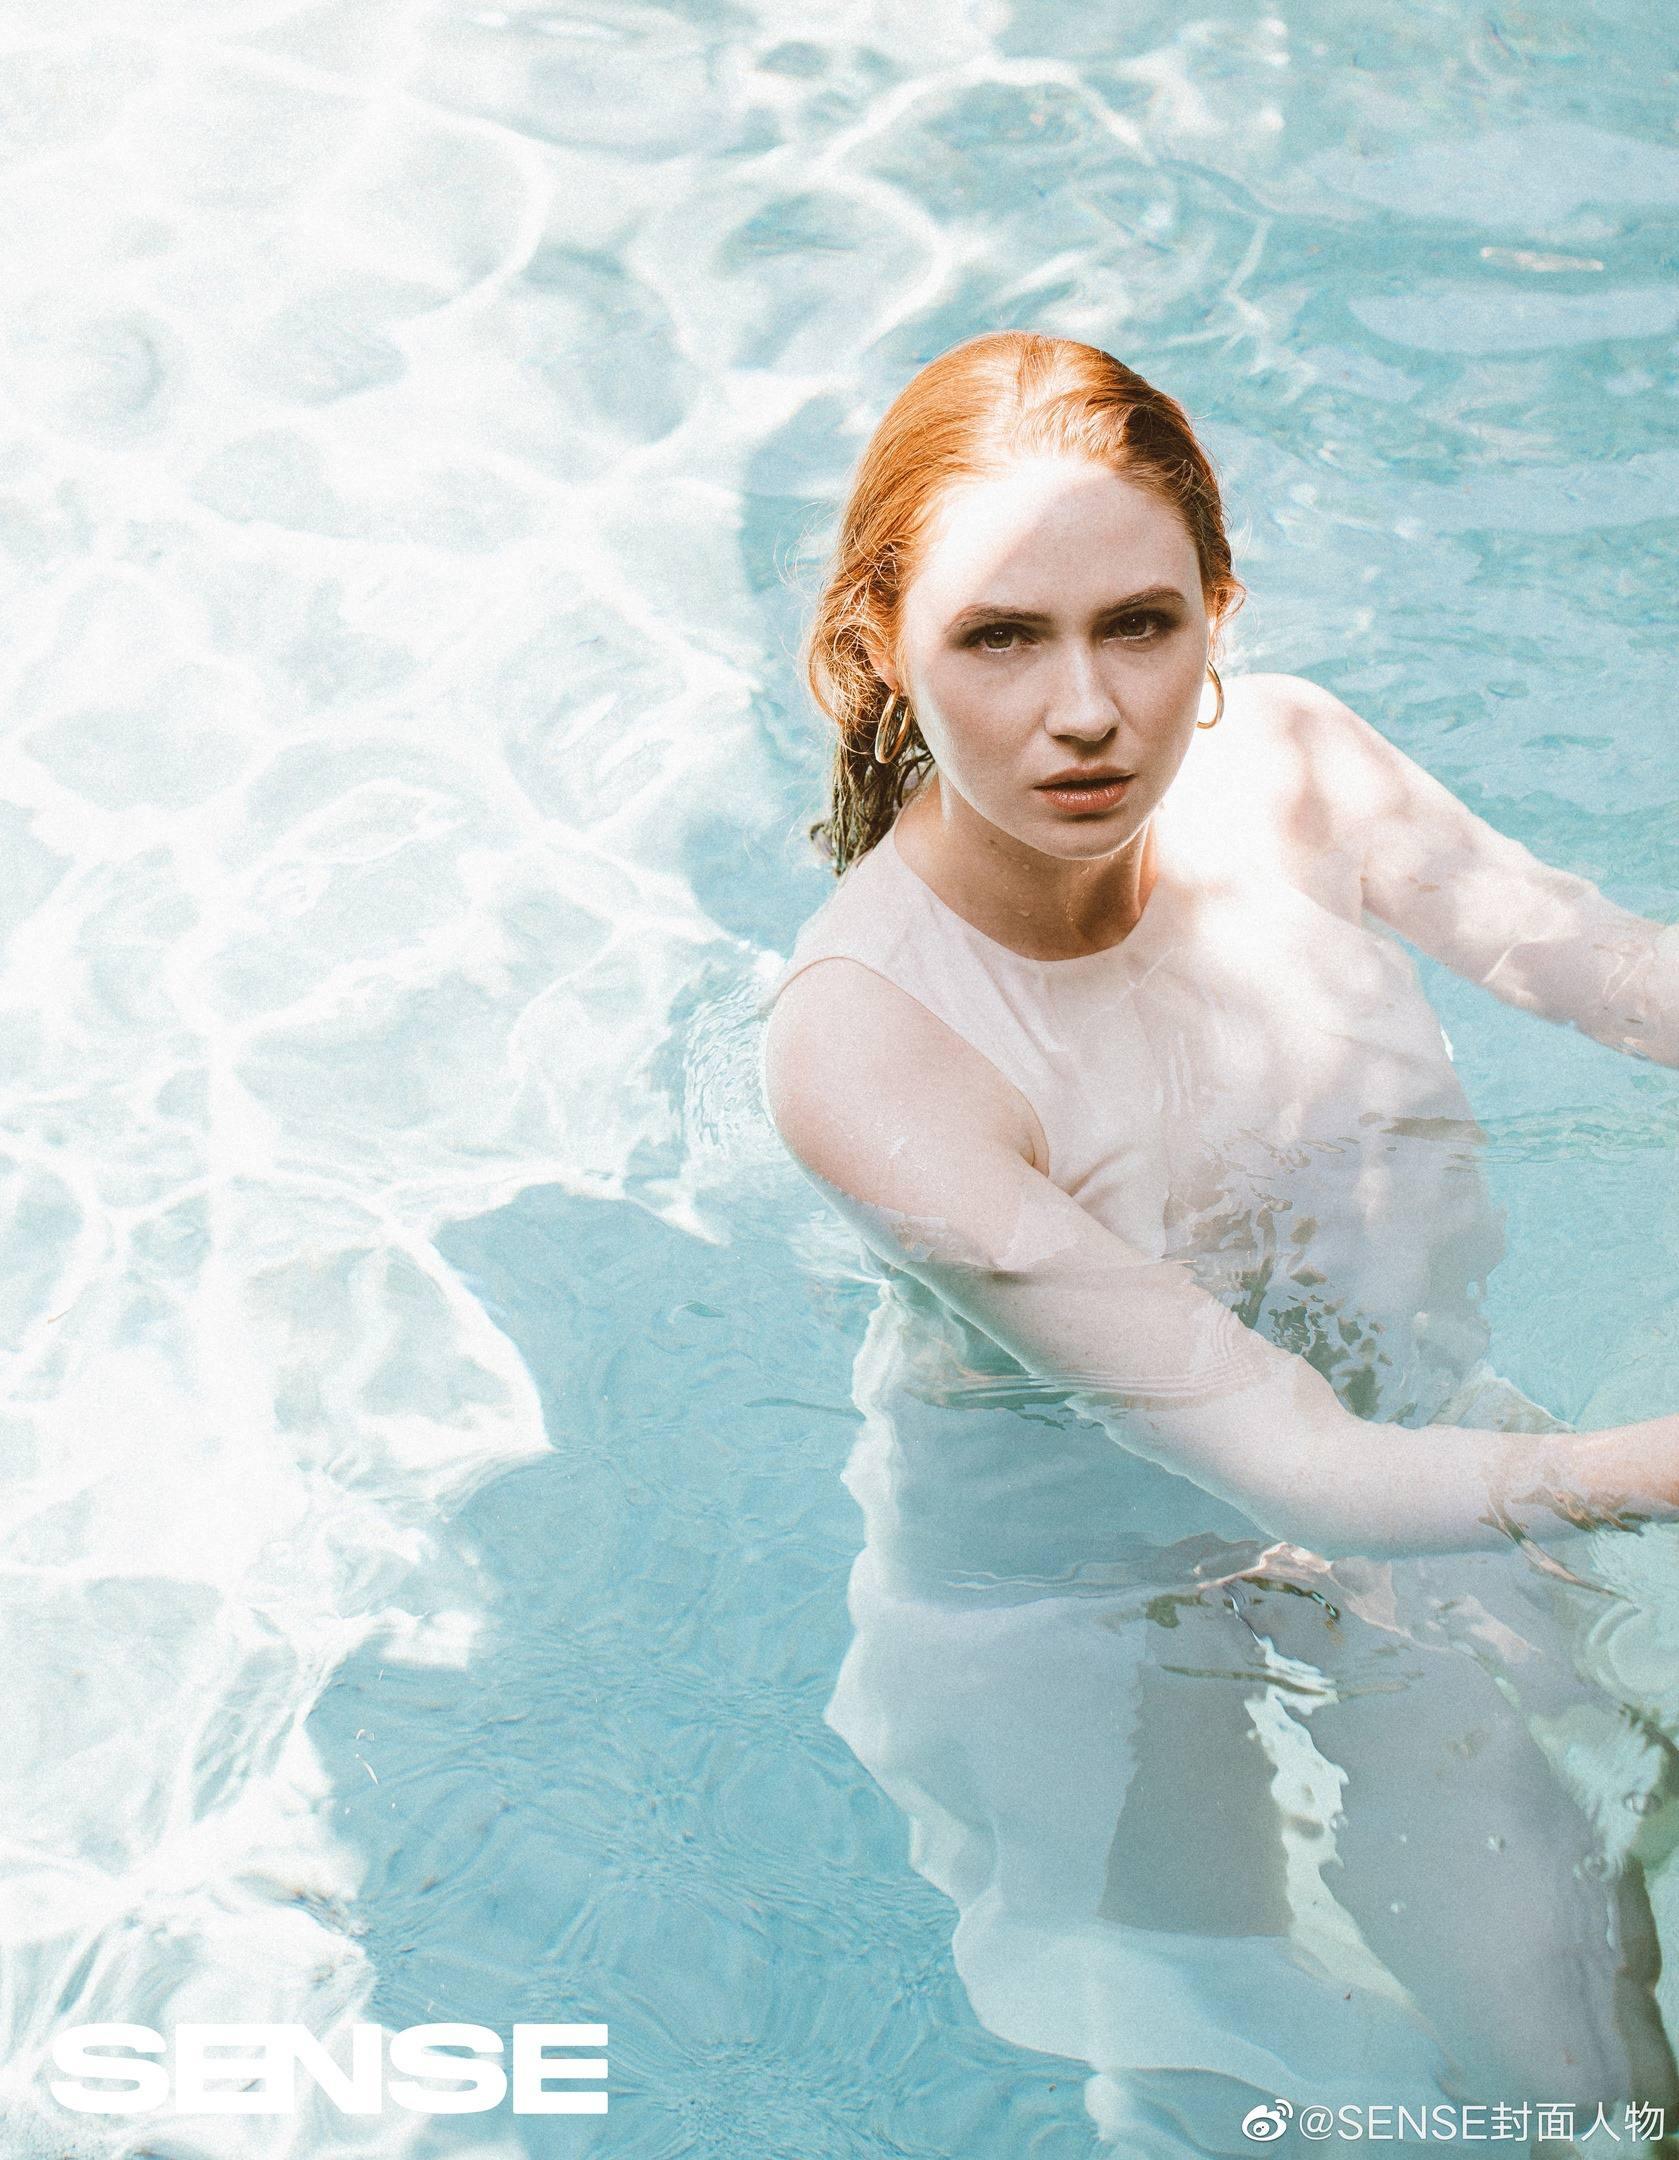 Karen Gillan - Beautiful Photoshoot for Sense Magazine by